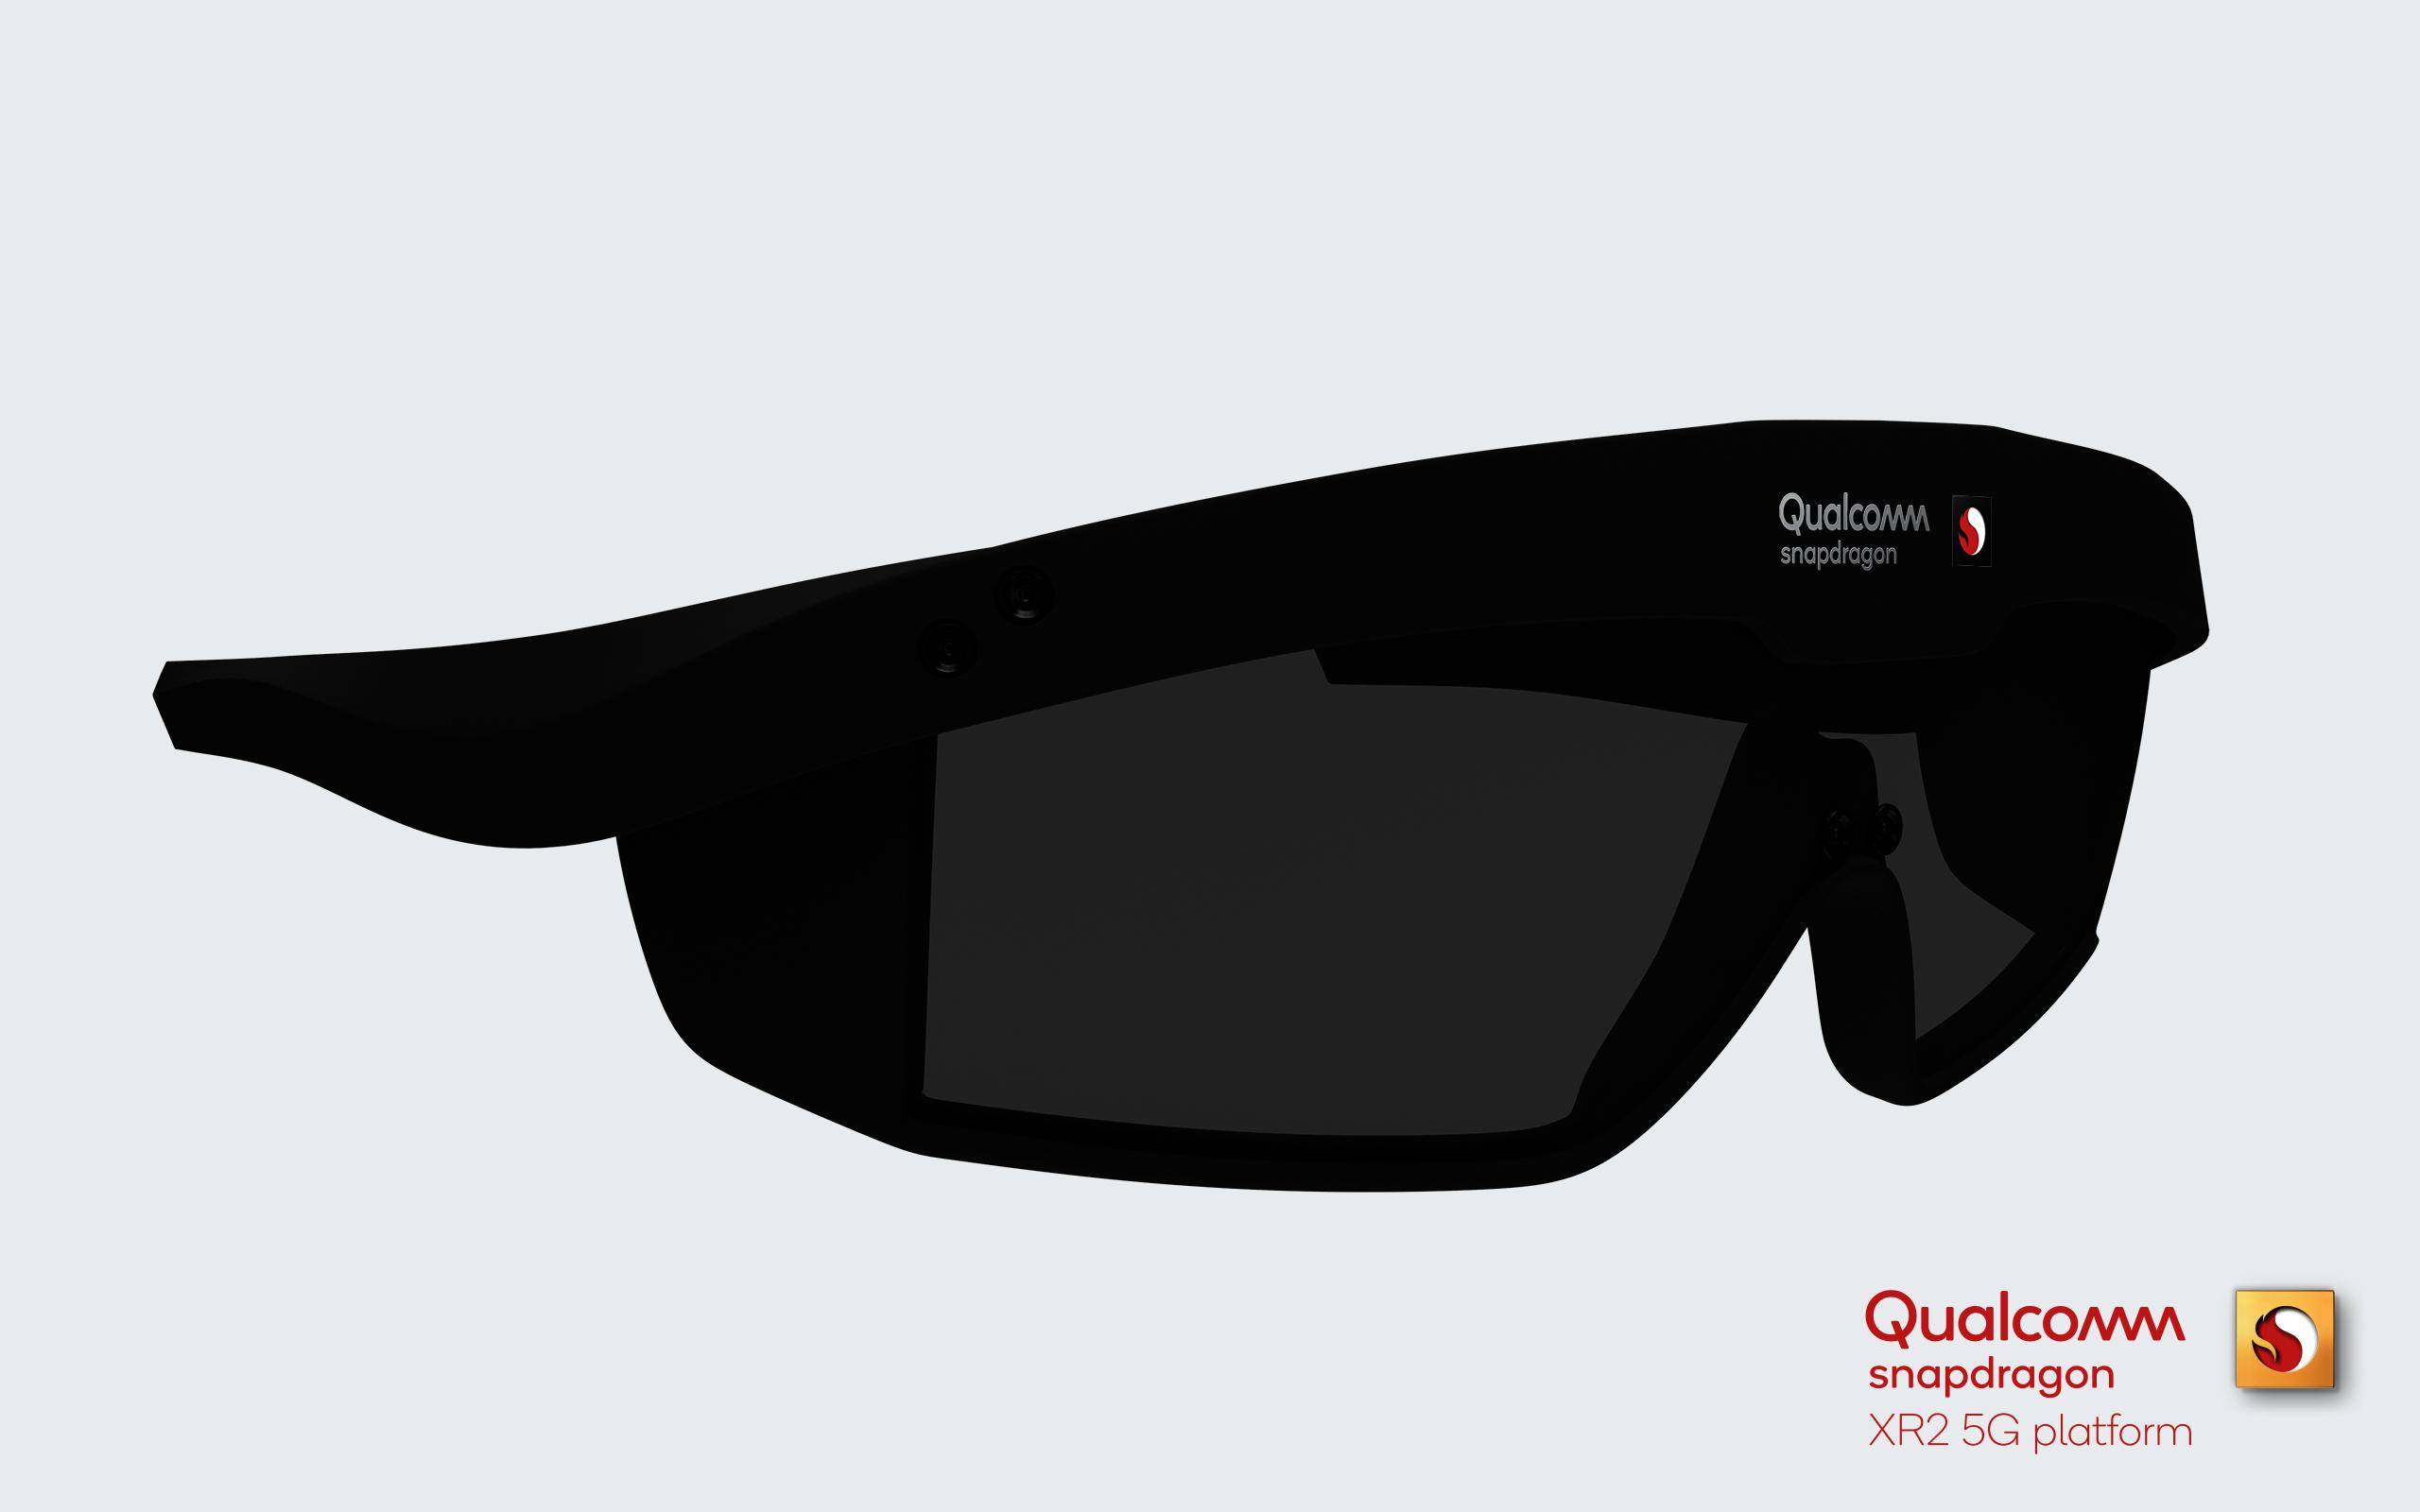 Qualcomm Snapdragon XR2 Platform Concept Design